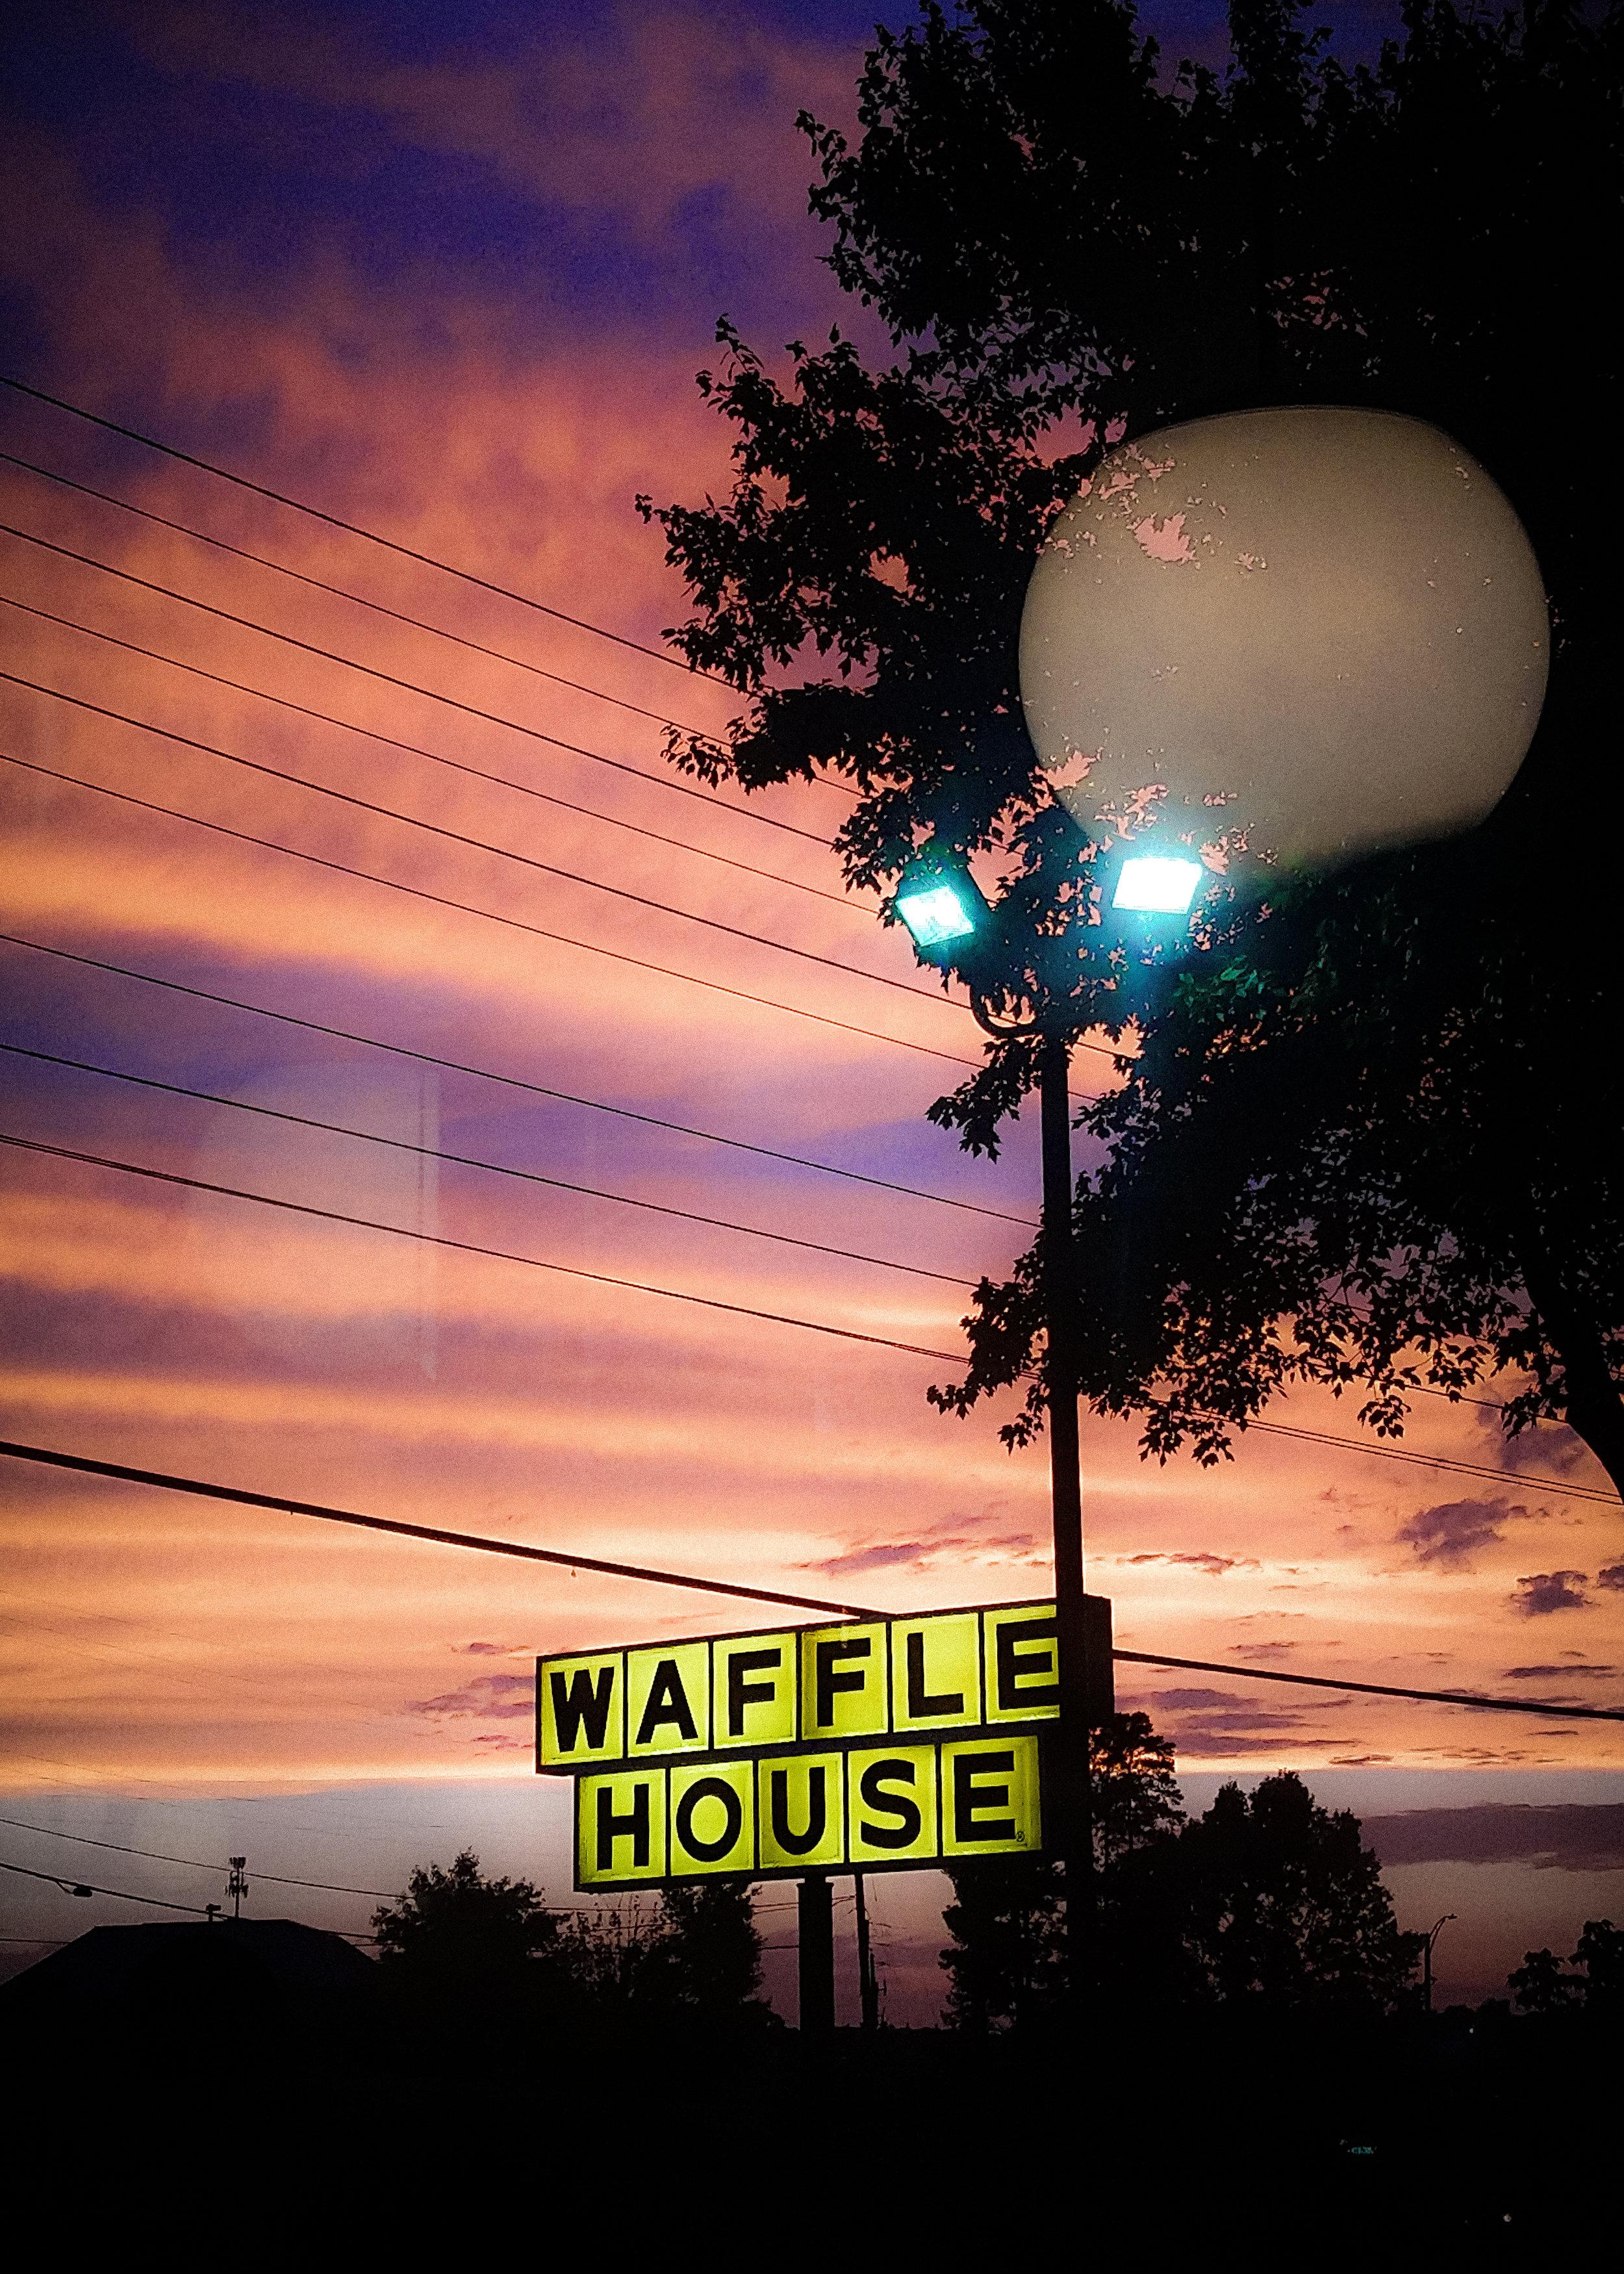 waffle house sunset.jpg